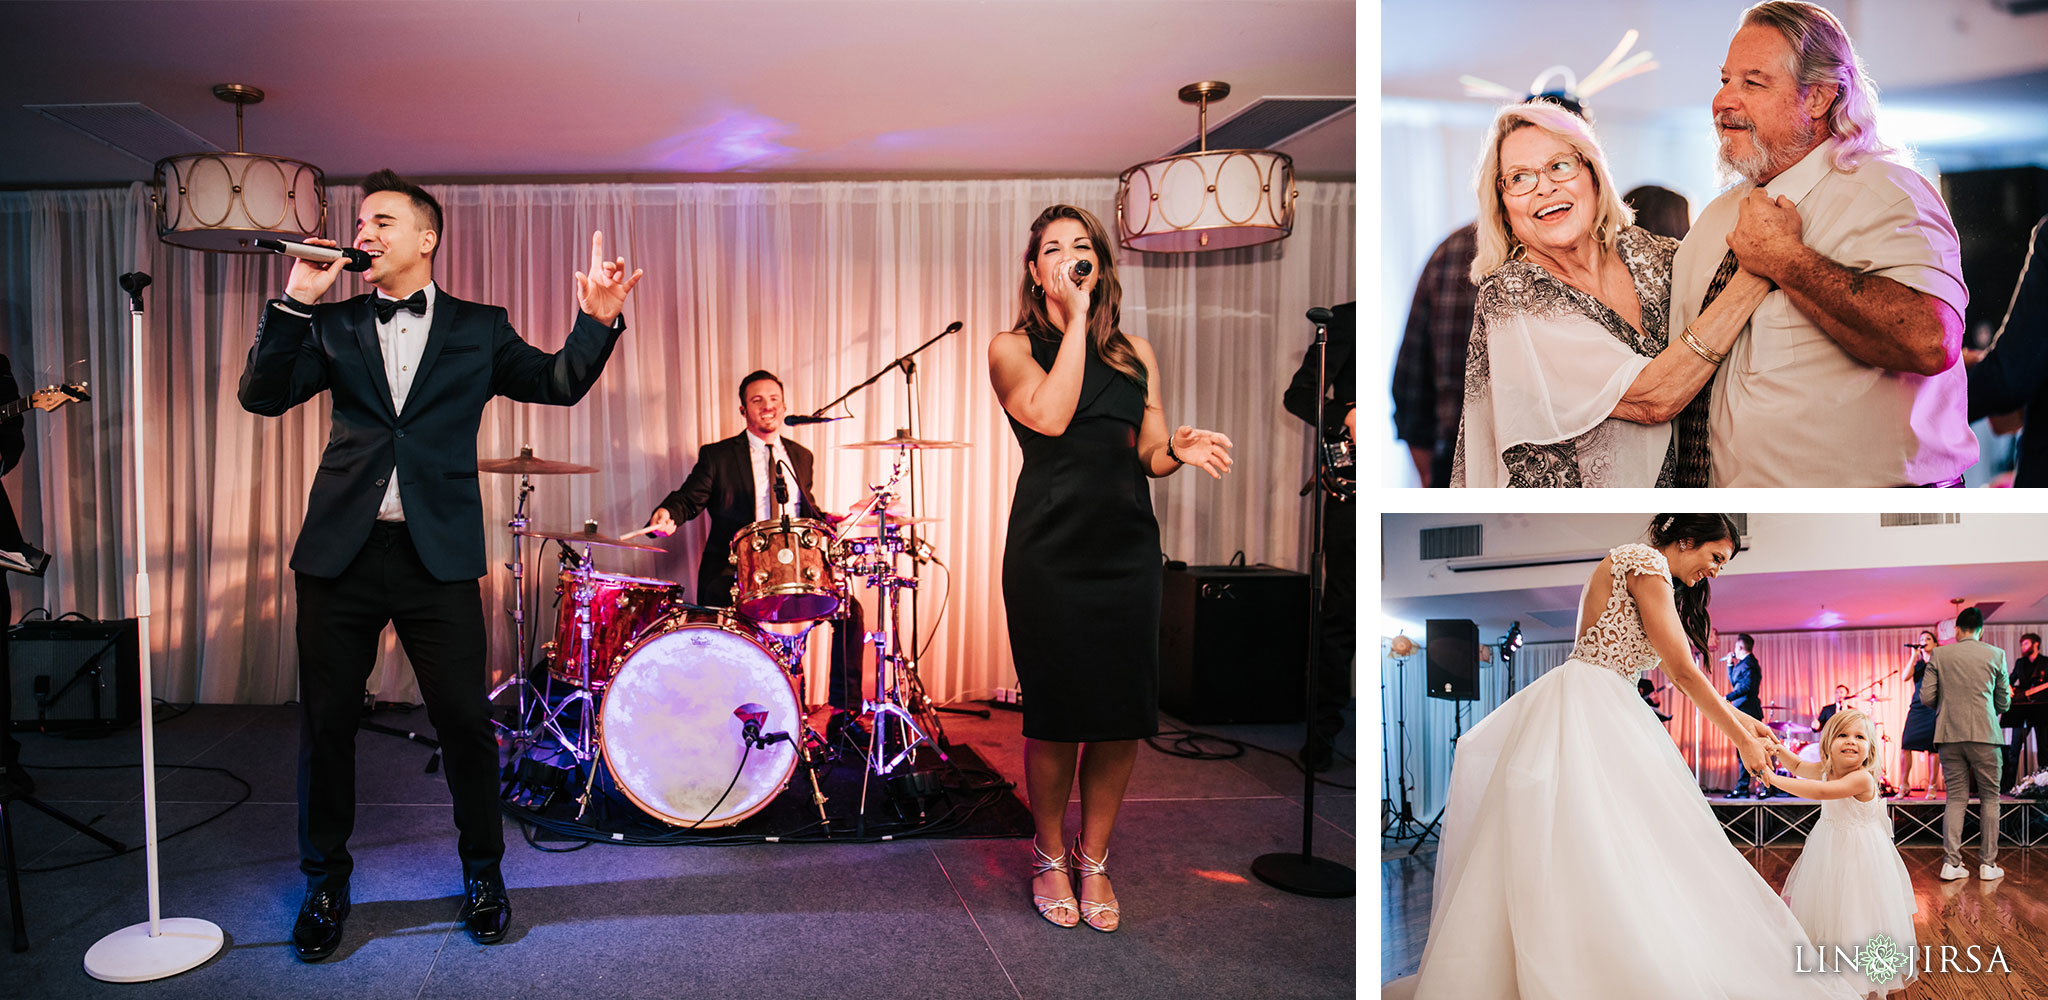 044 los verdes golf course wedding reception photography